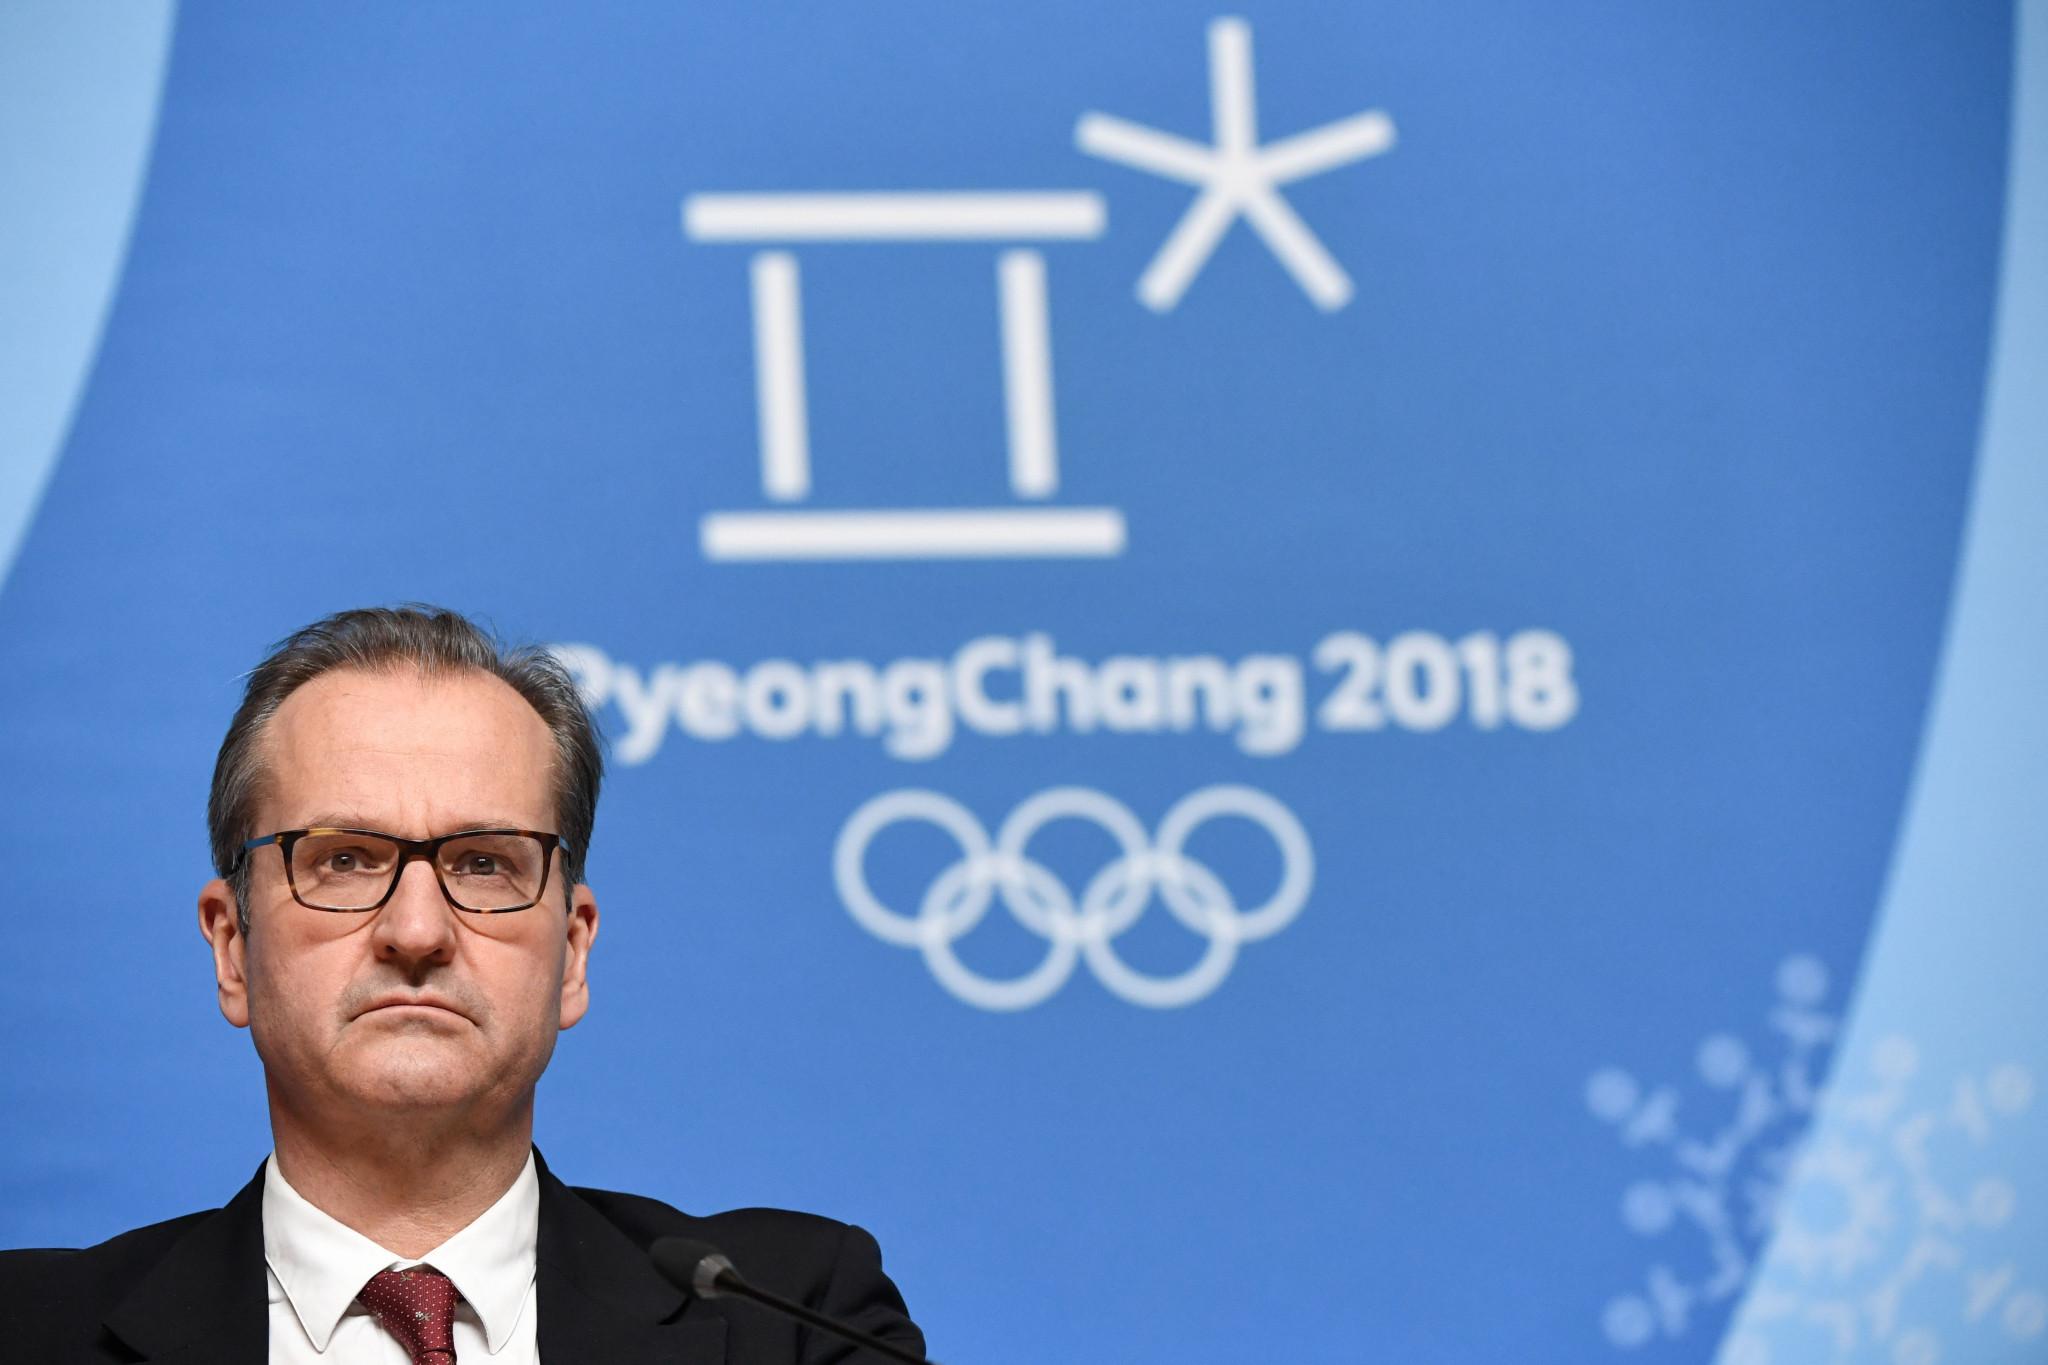 IOC spokesperson Mark Adams has said it is not in